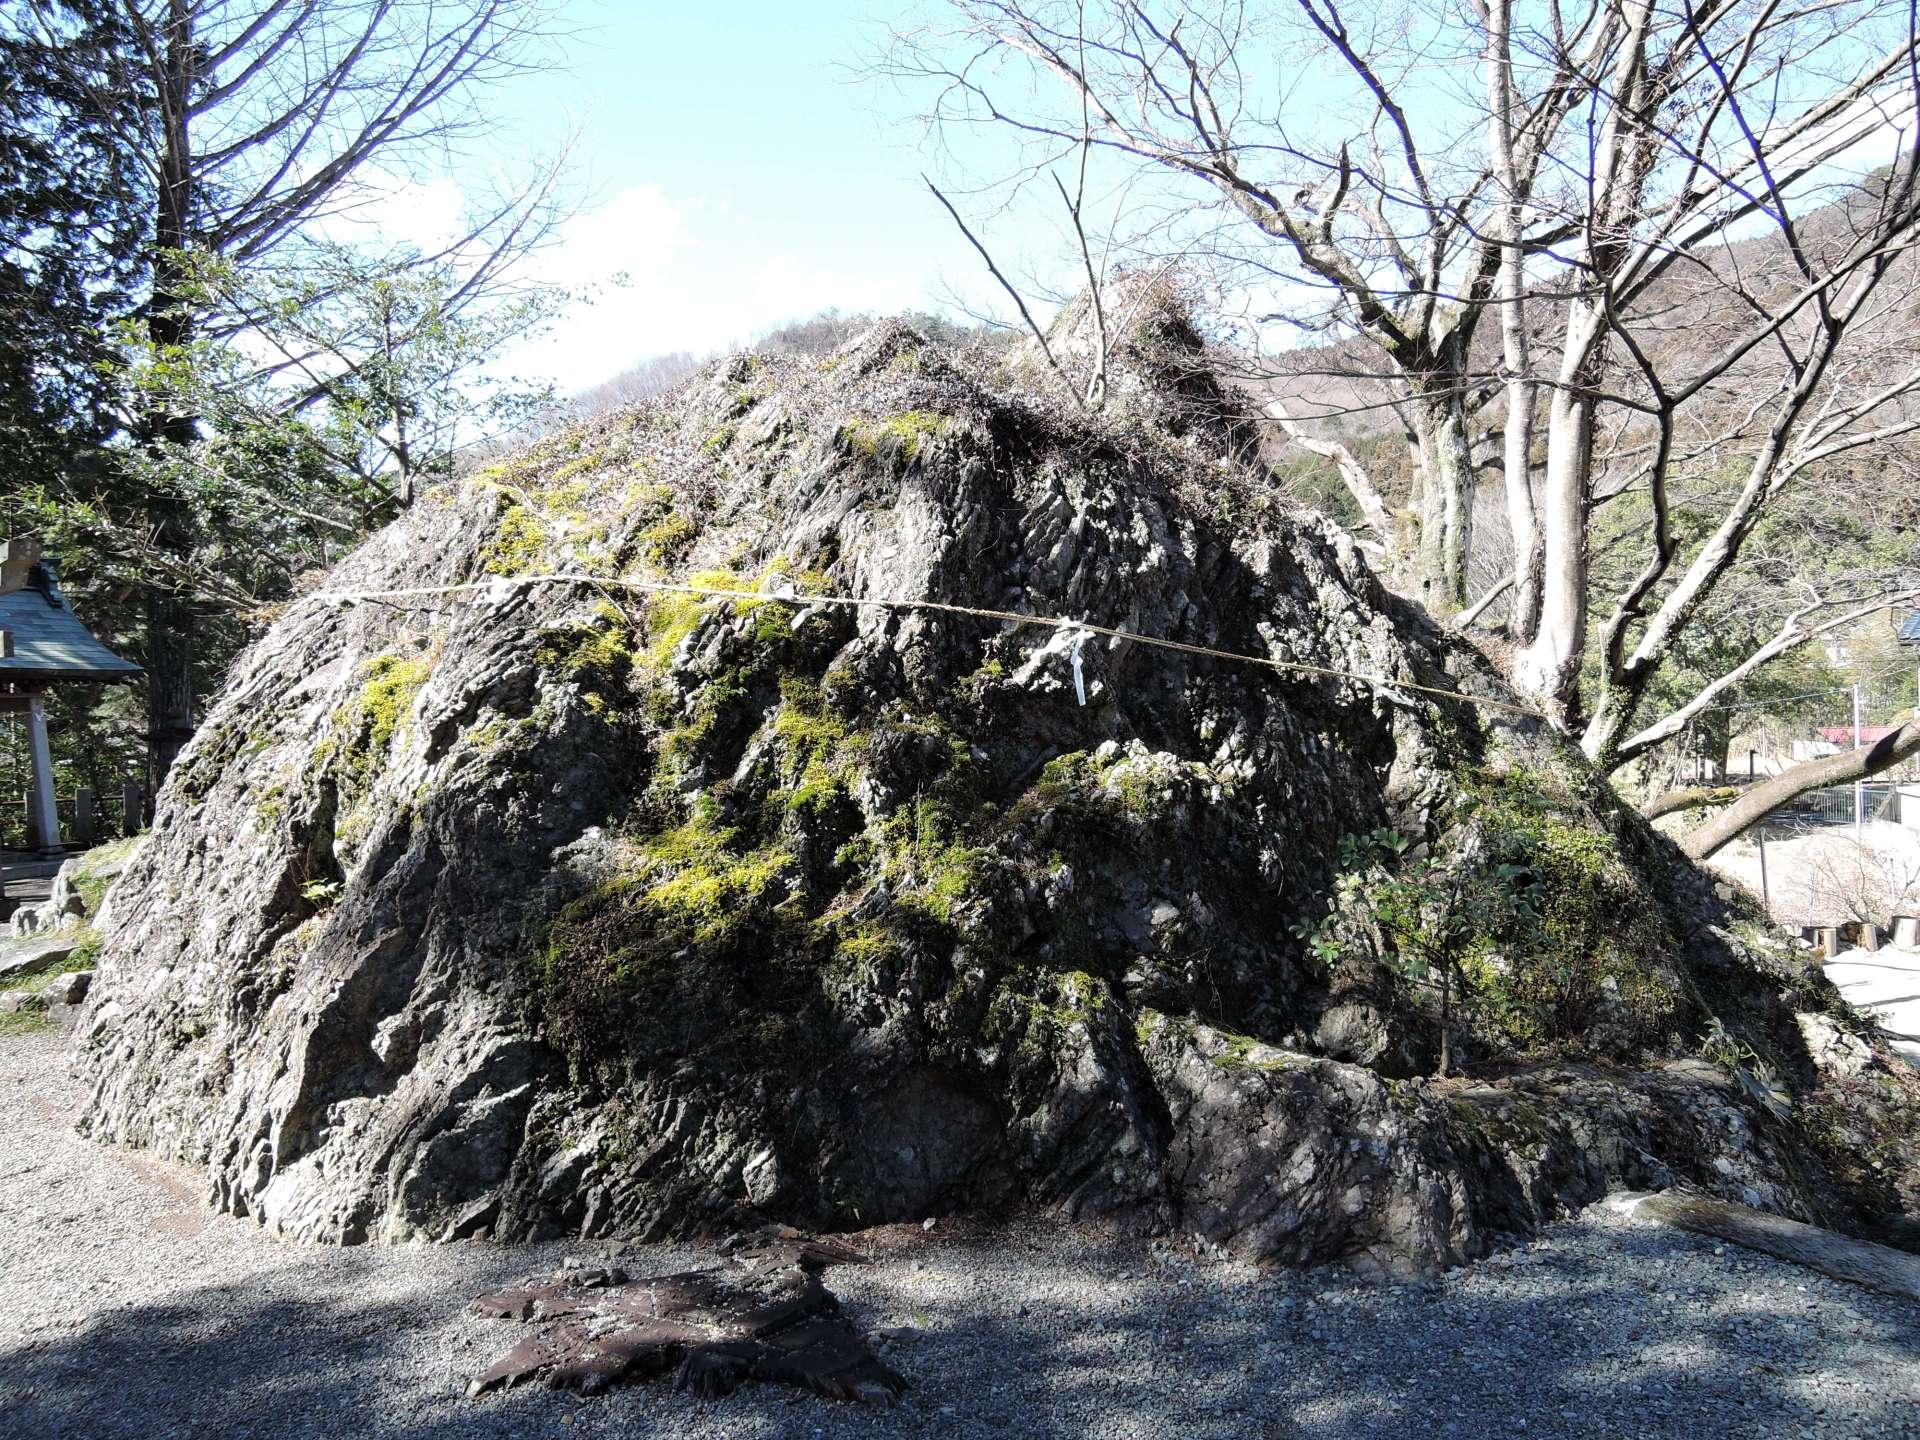 神社供奉的御神石,传说是从天而降的巨岩。